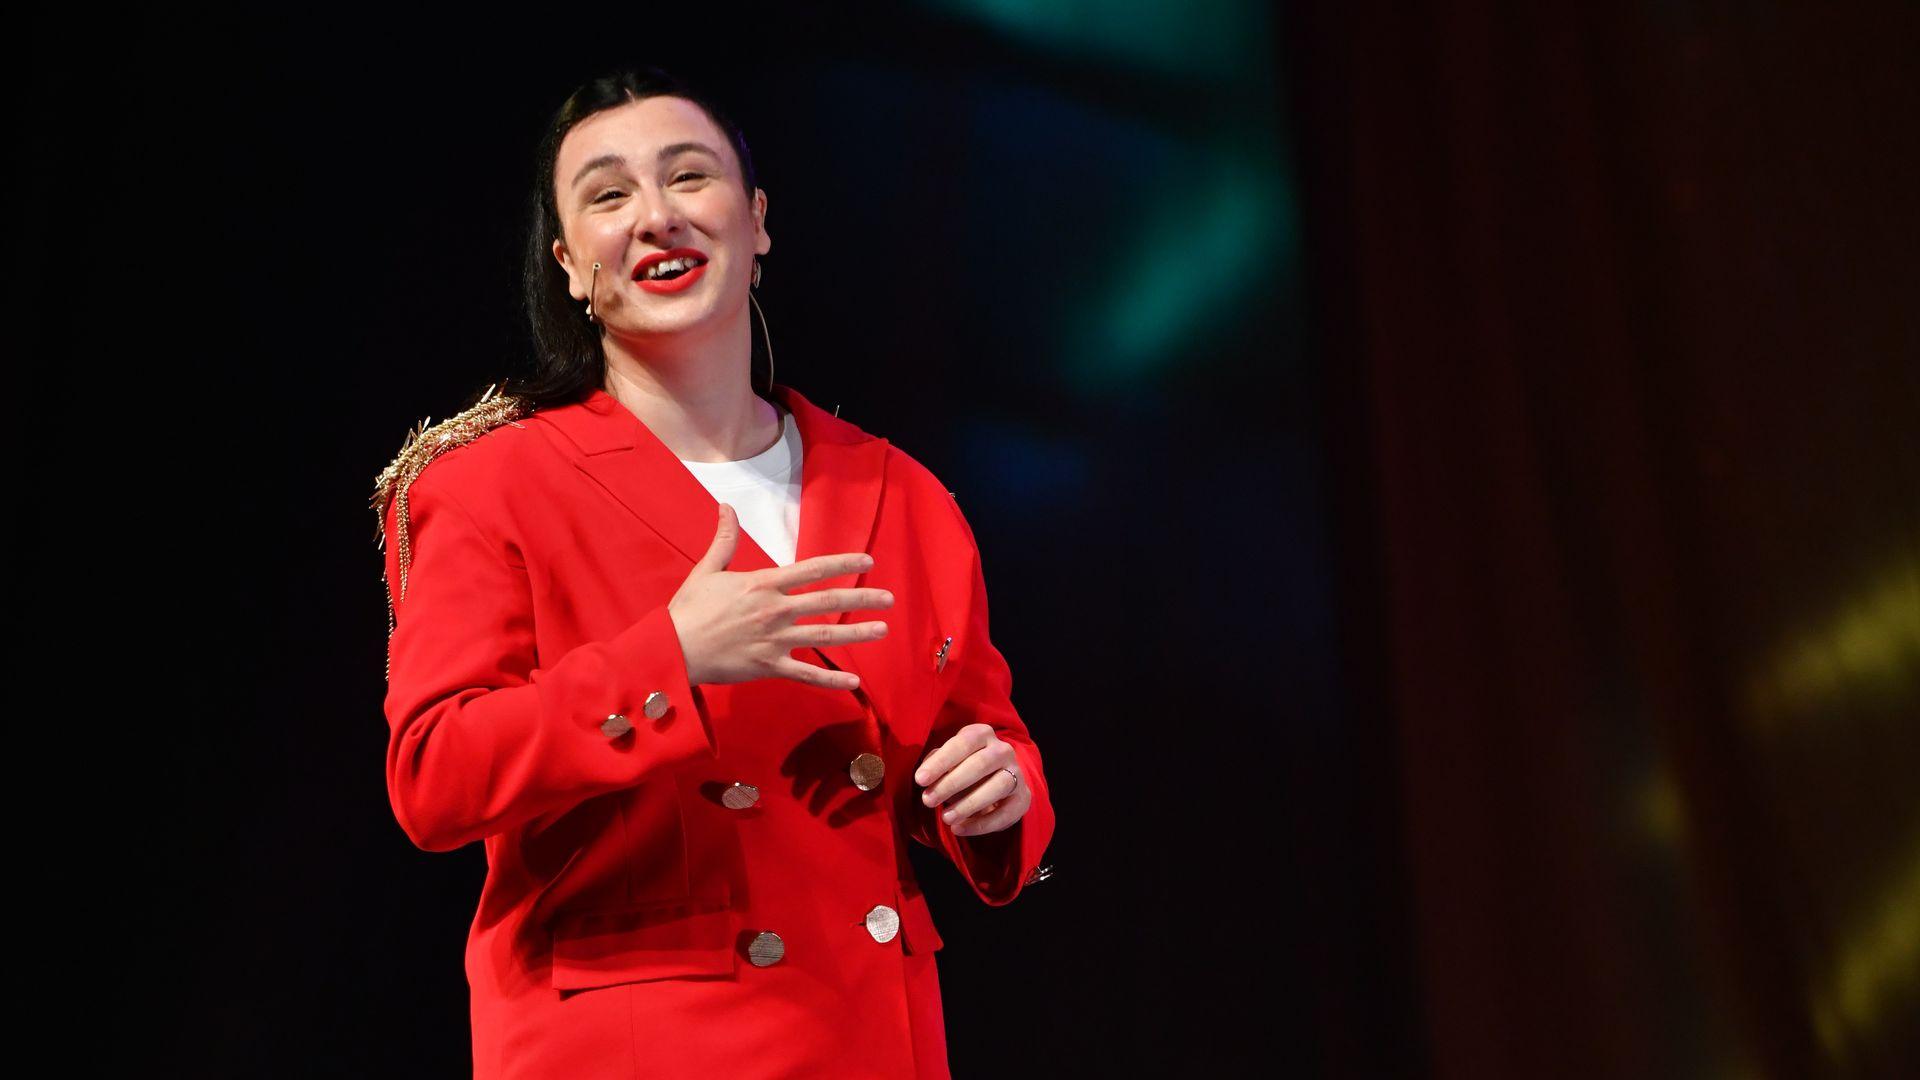 Harbiye Açıkhava Sahnesi'nde gösteri yapan ilk kadın komedyen